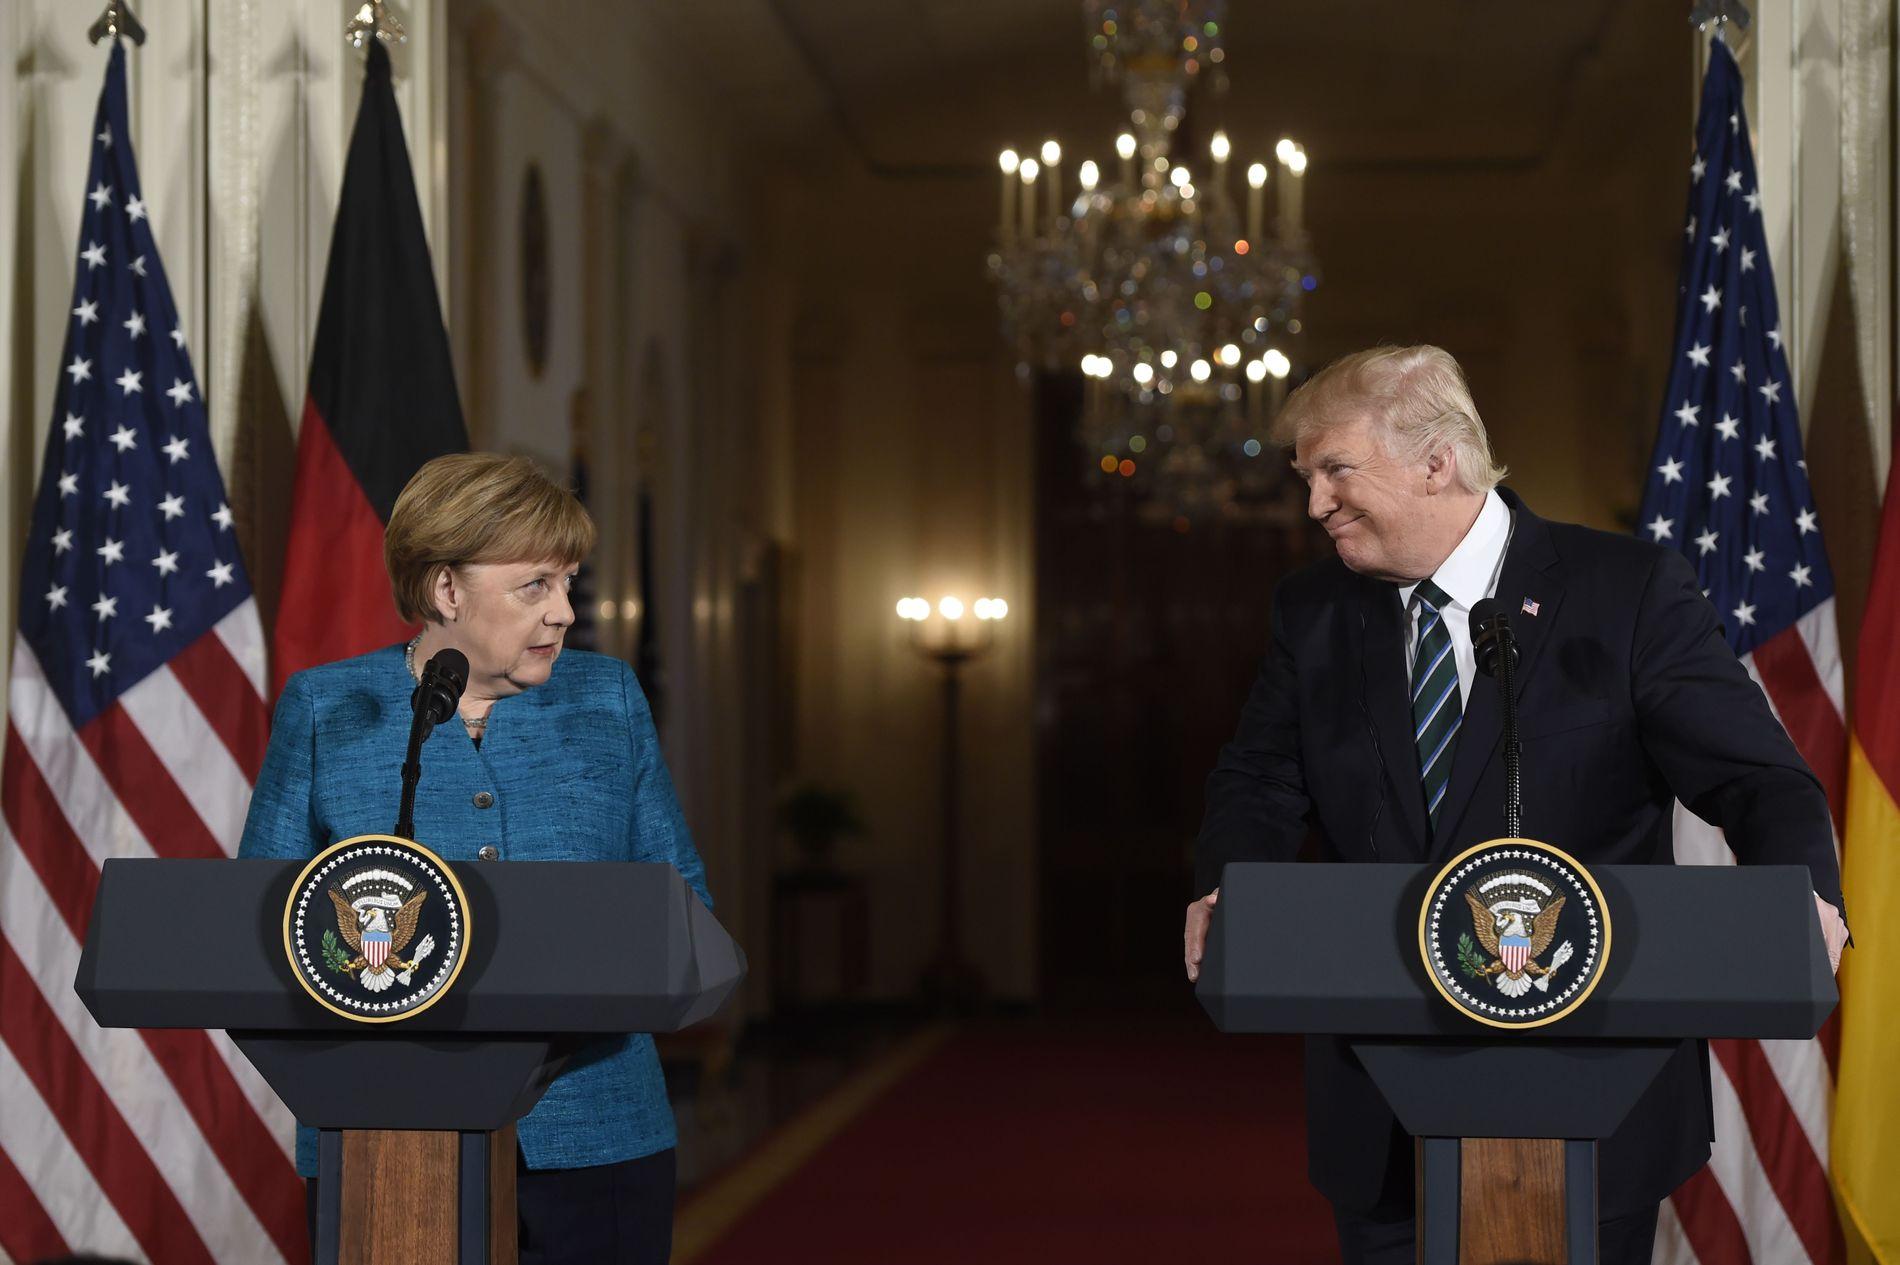 MÅ SAMARBEIDE: Dette bildet ble tatt under en felles pressekonferanse mellom Donald Trump og Angela Merkel ved Det hvite hus. Foto: AFP PHOTO/SAUL LOEB